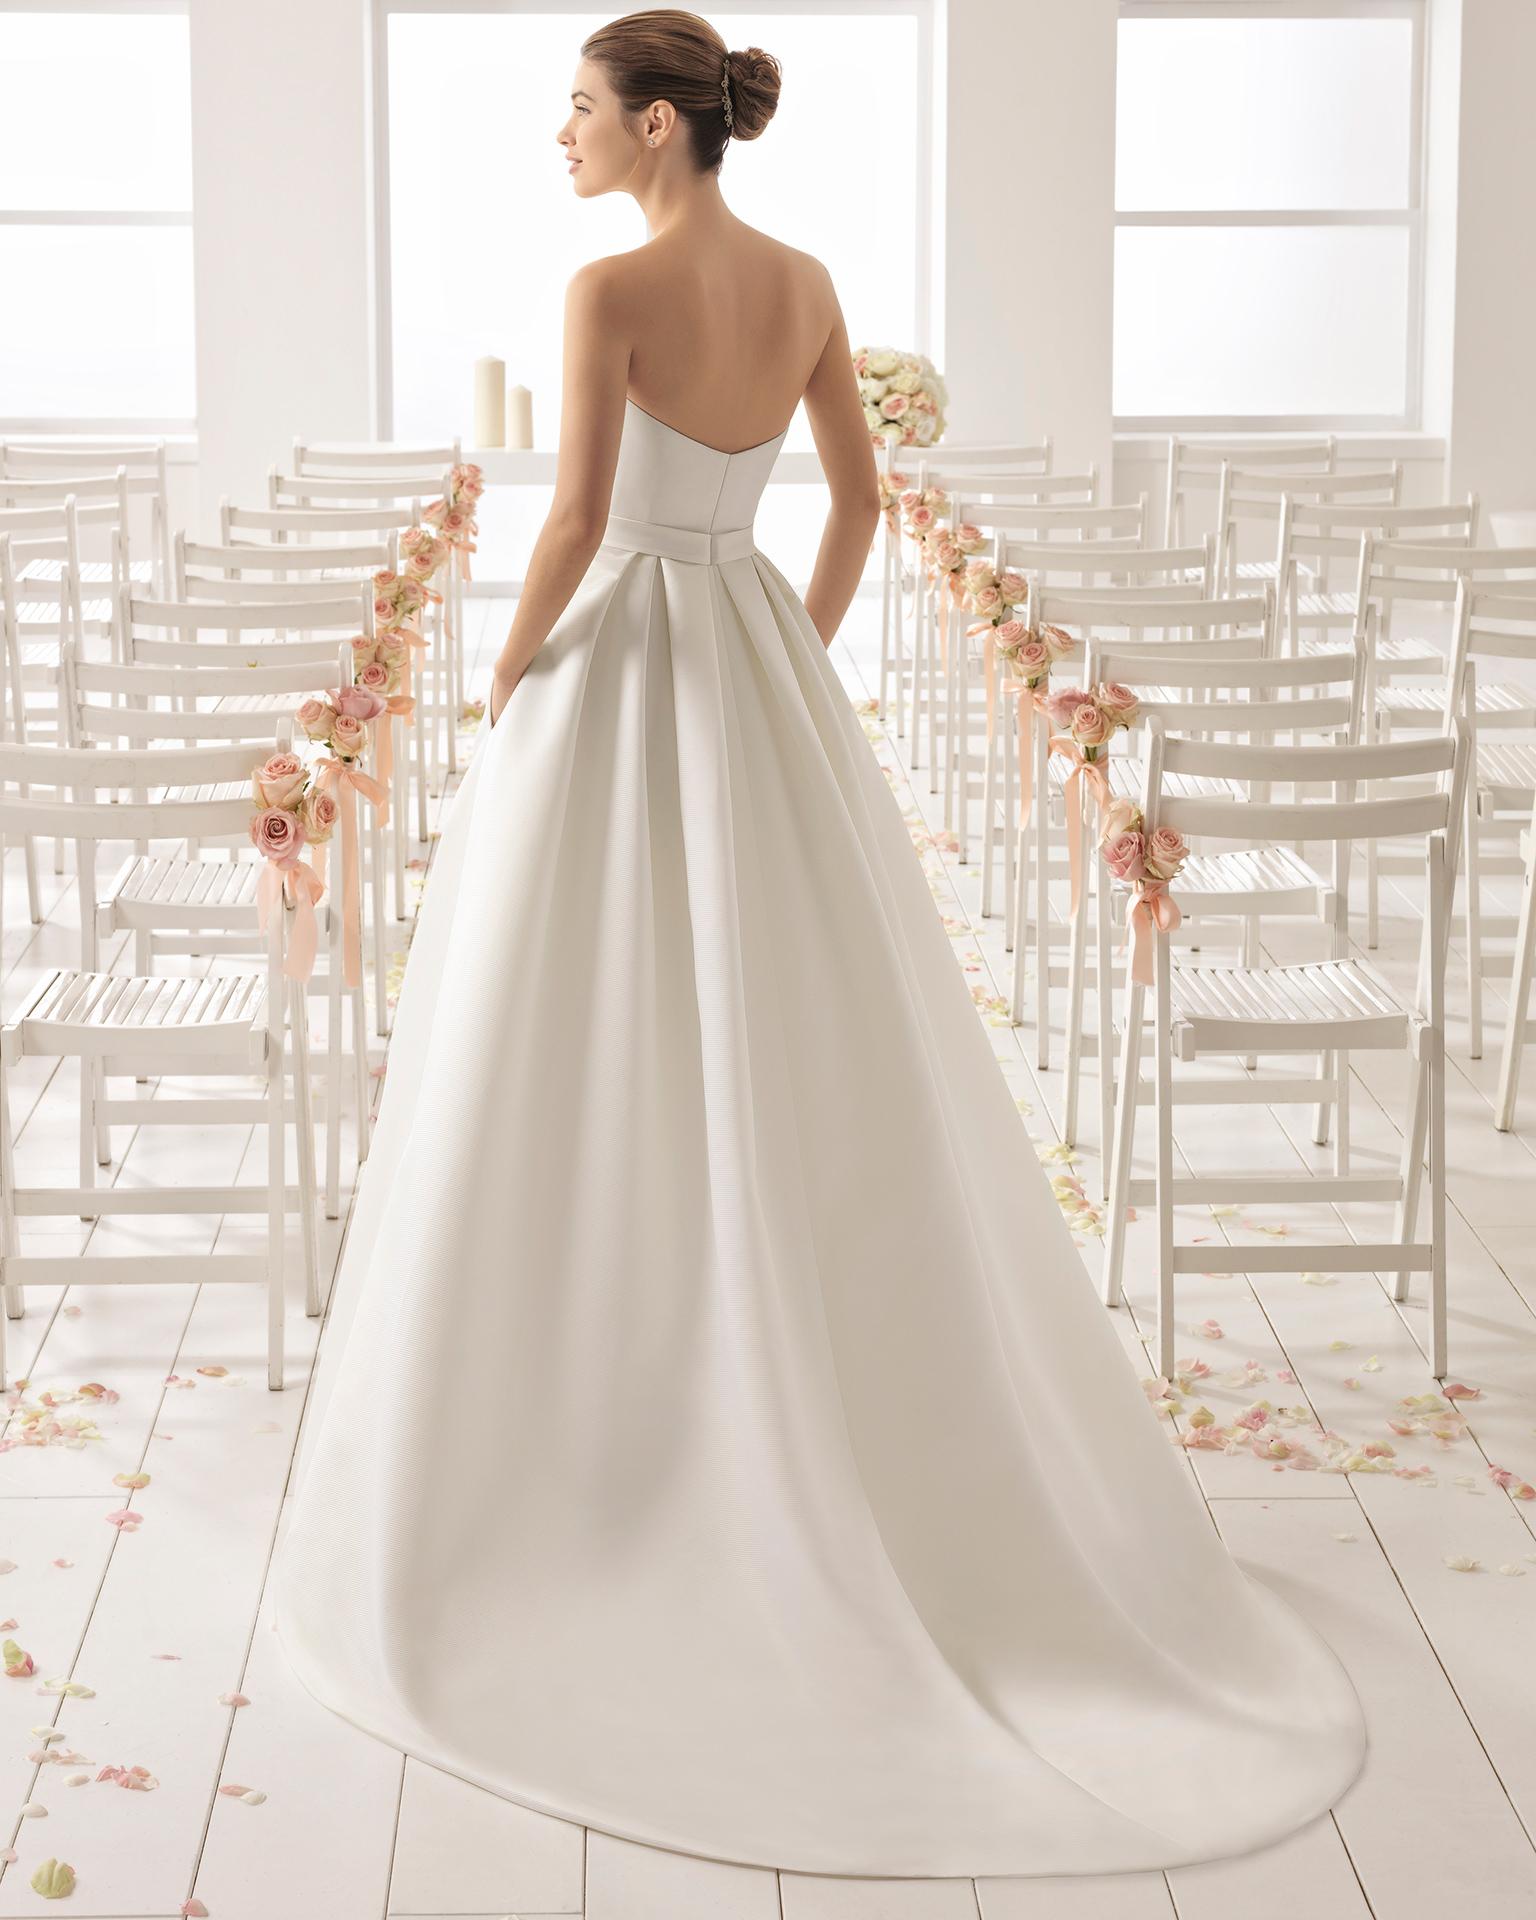 经典款无肩带斜纹布新娘婚纱,配罩裙设计。